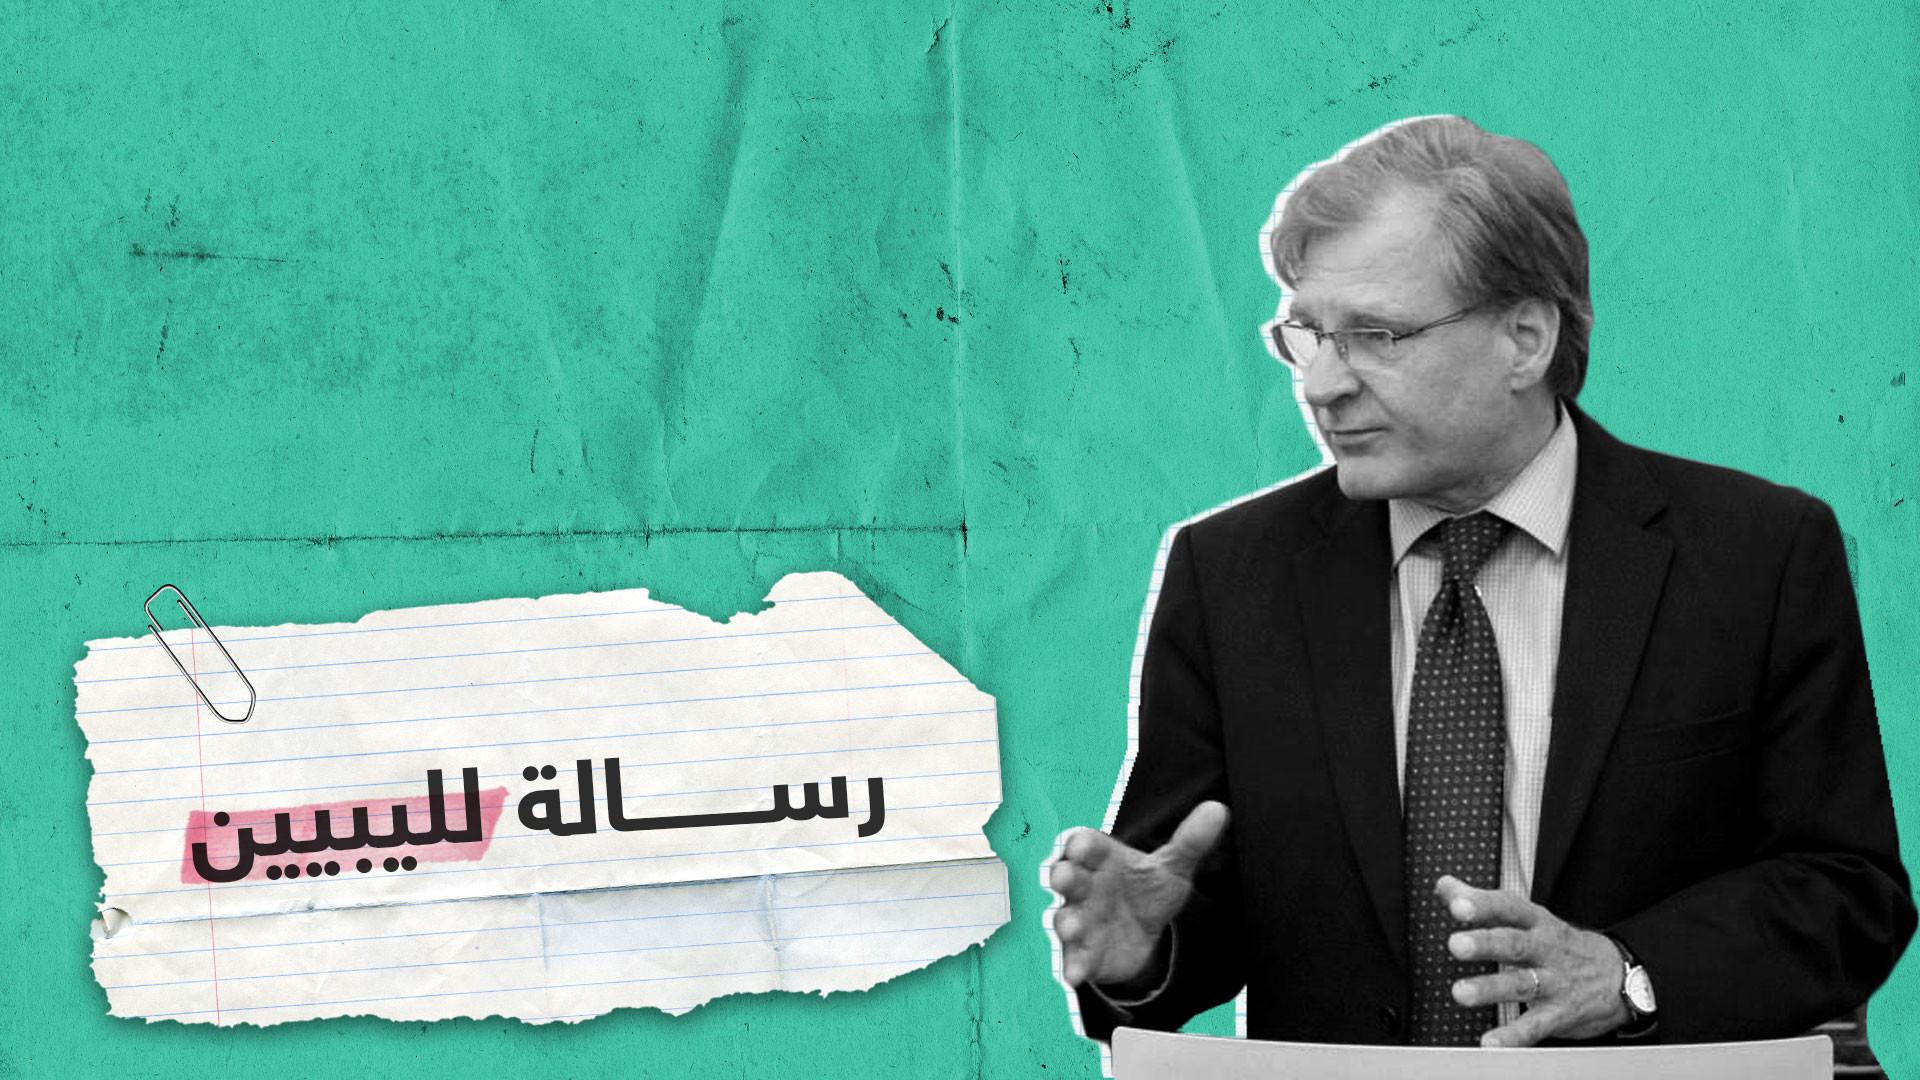 السفير الأمريكي الجديد يوجه رسالة لليبيين بلهجتهم